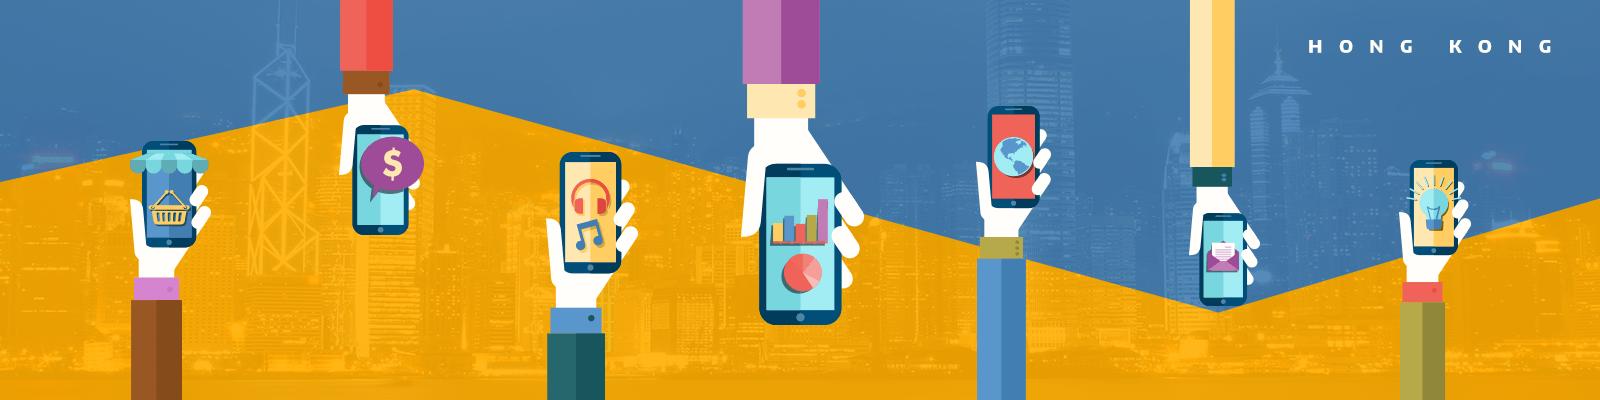 app development companies hongkong